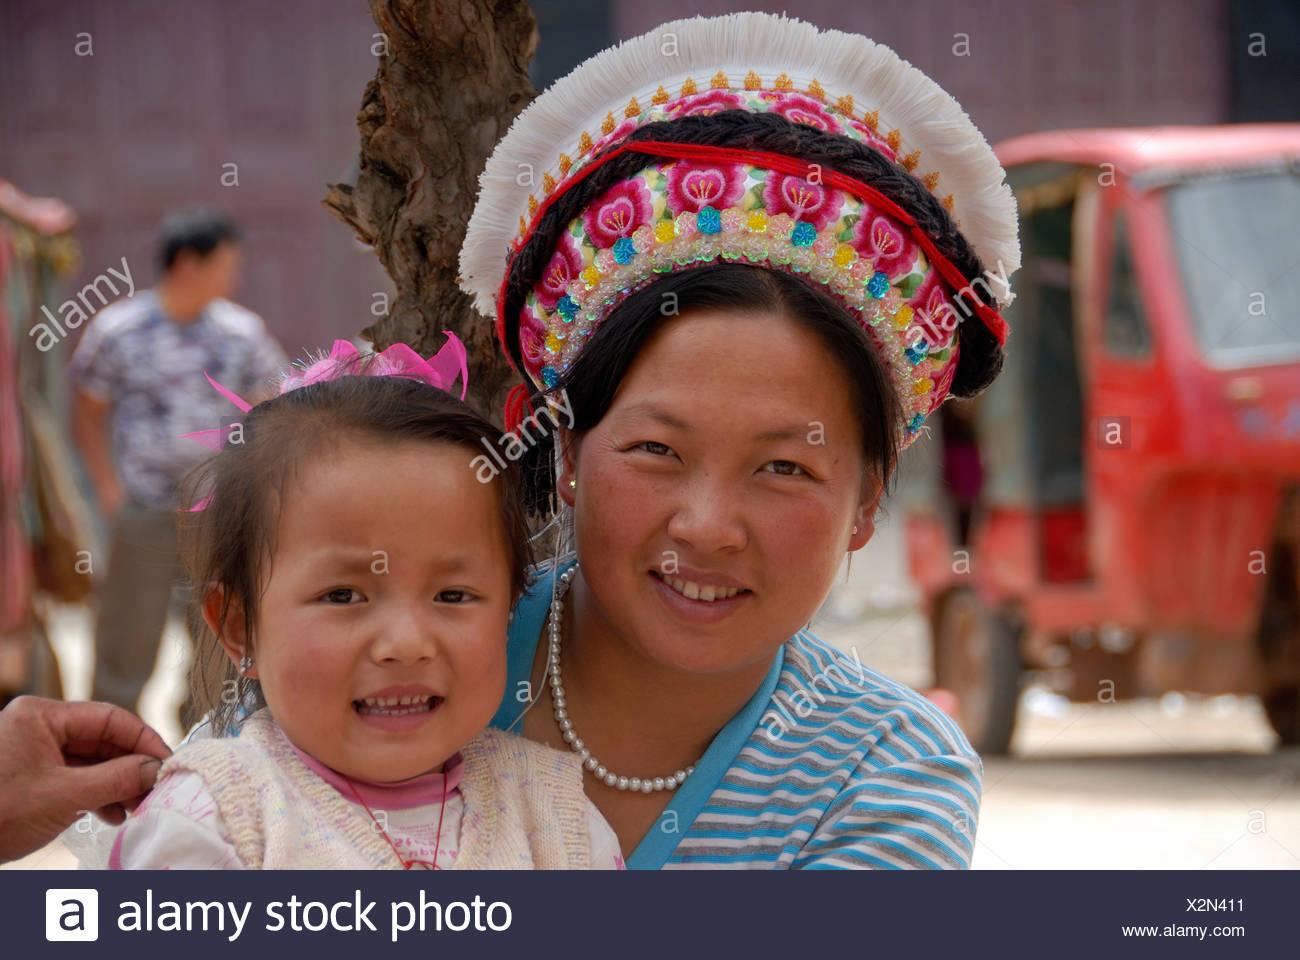 Porträt, Ethnologie, Frau der Volksgruppe Bai mit typischer Kopfbedeckung und ein Kleinkind, Yongning, Lugu Hu Seengebiet, Yunnan P Stockbild